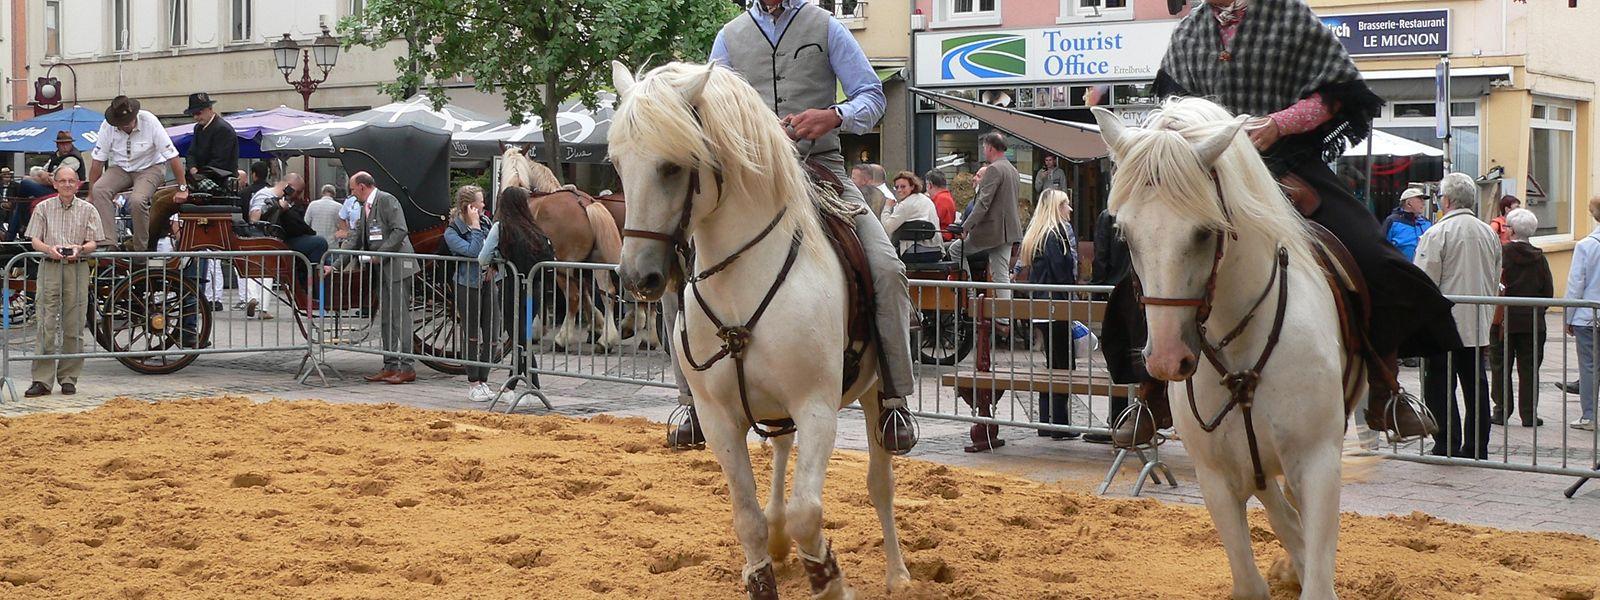 """Die prächtigen Camargue-Pferde und ihre Reiter gaben am Kirchplatz einen Vorgeschmack auf ihre Darbietungen auf der """"Foire agricole""""."""